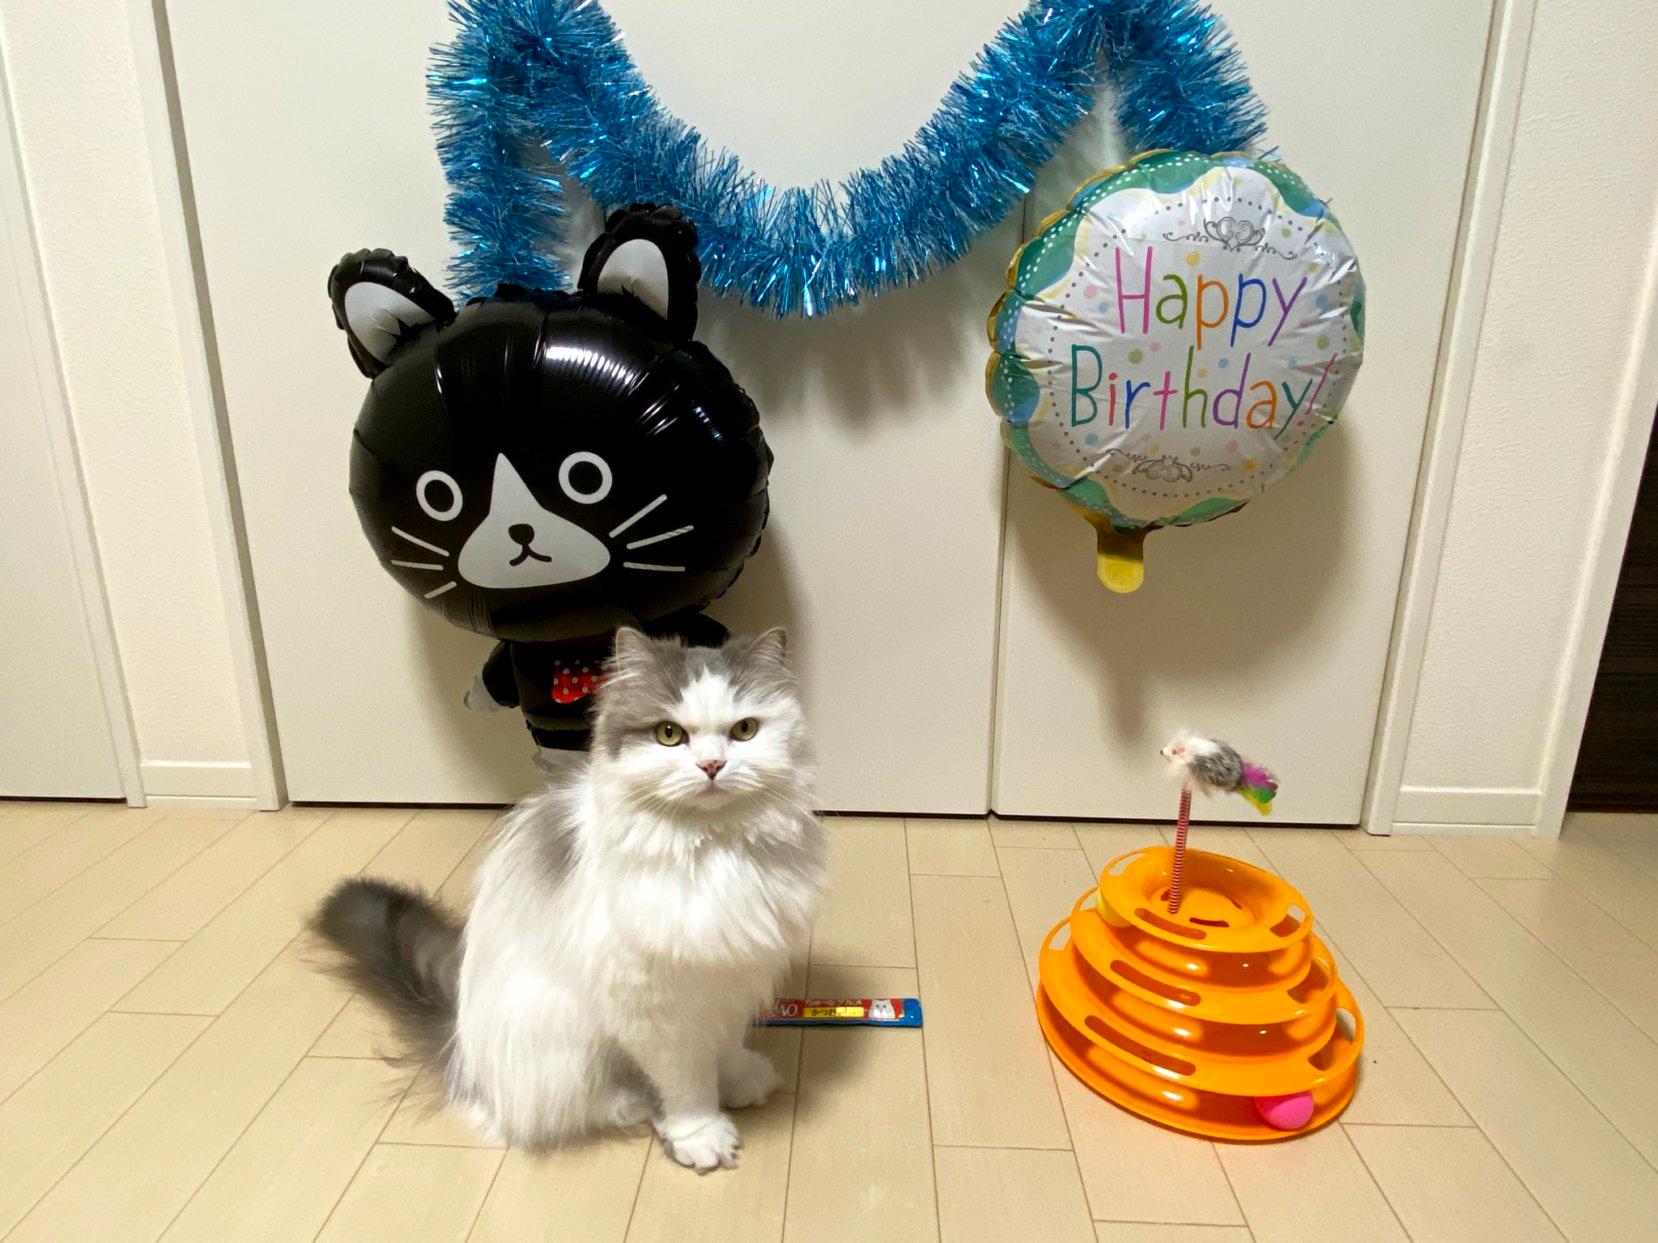 【猫のお誕生日】手作りお祝いプレートの作り方 材料はささみとウェットフードでOK